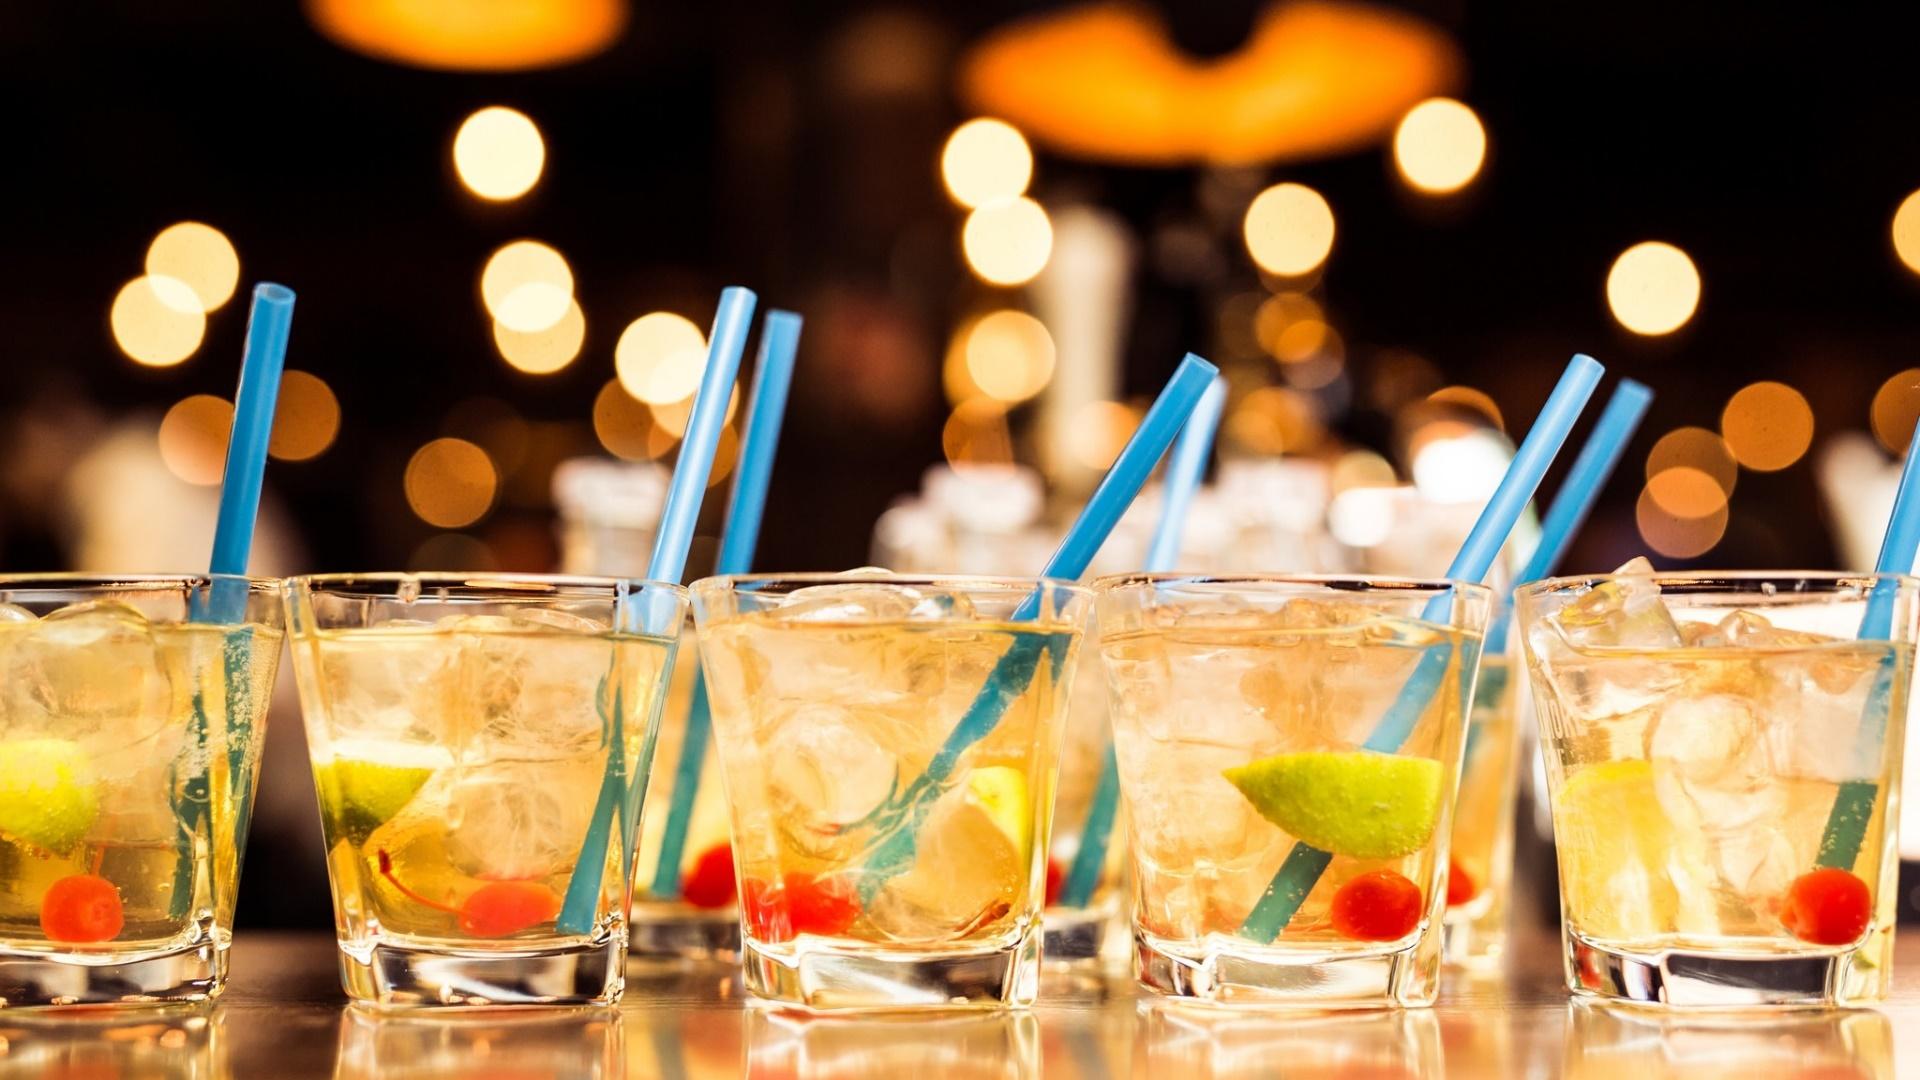 российских картинки с напитками в стаканах городе